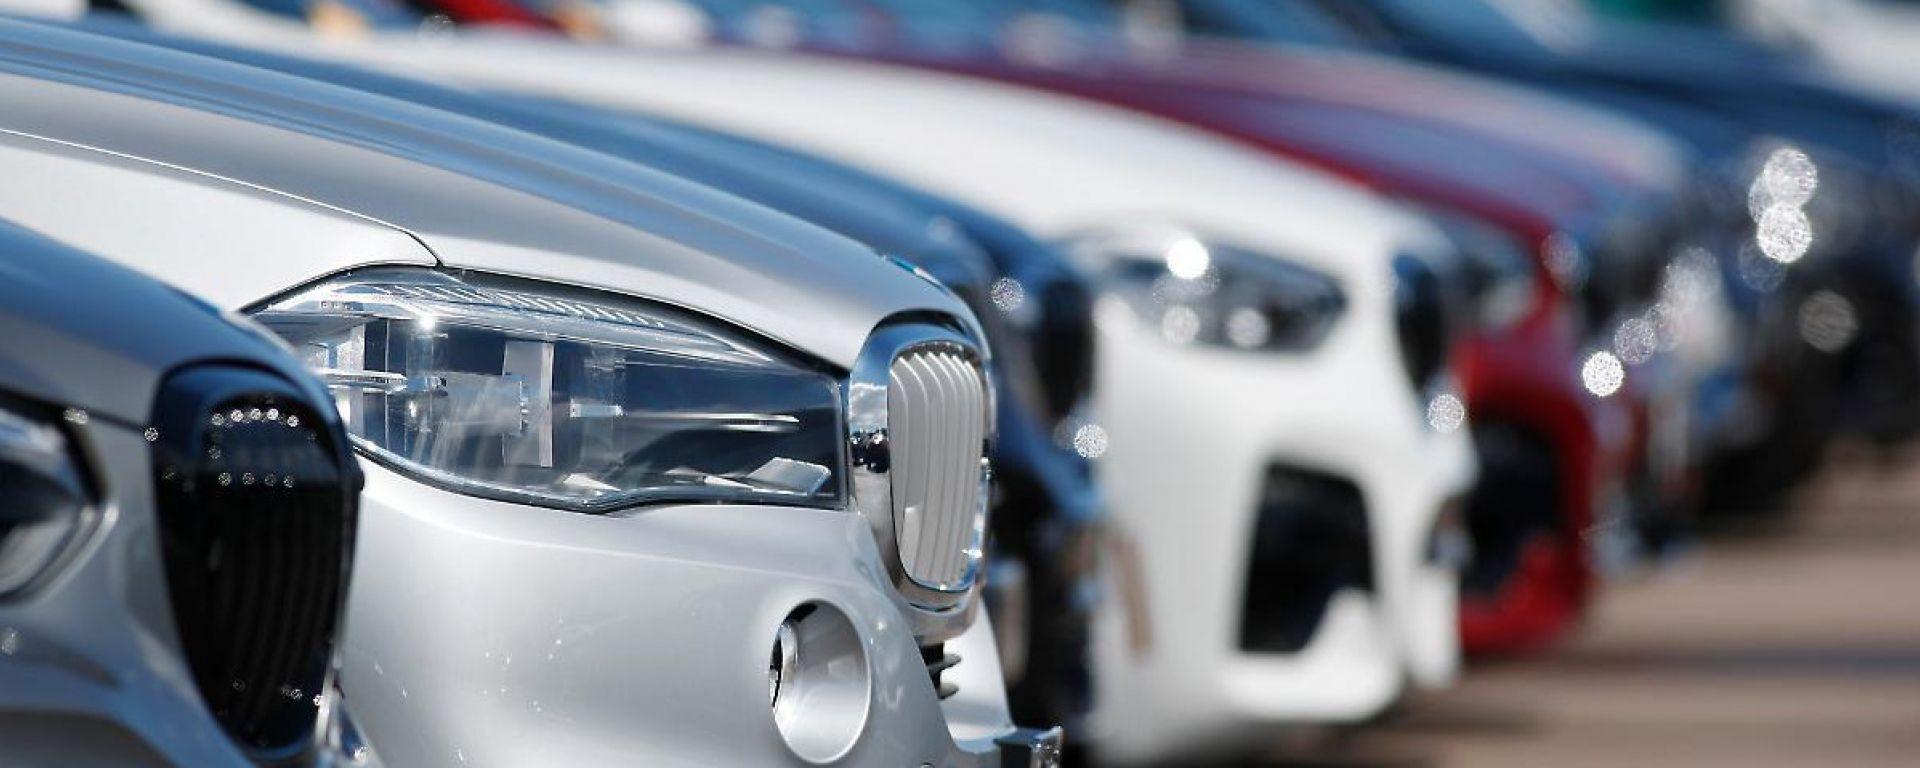 Lombardia, concessionarie auto aperte anche sotto zona rossa